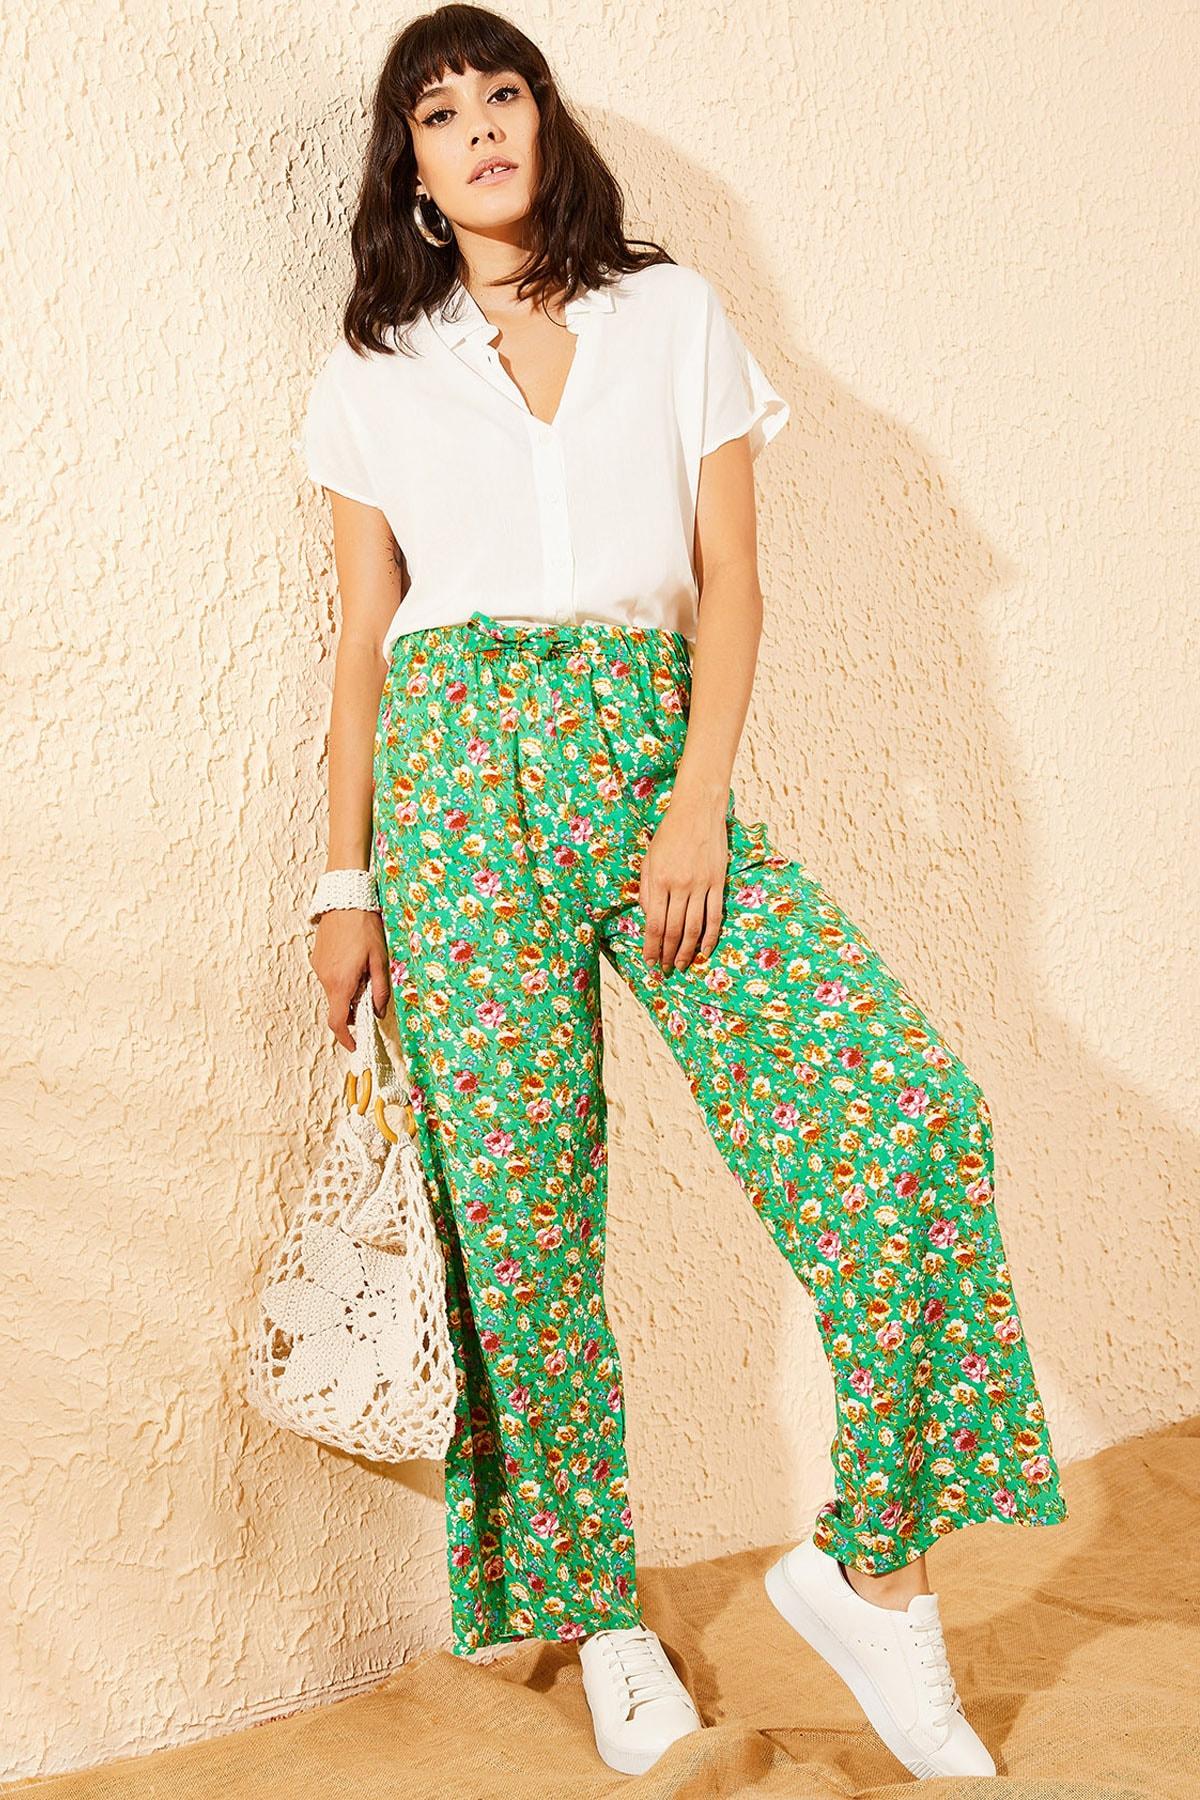 Bianco Lucci Kadın Yeşil Çiçek Desenli Beli Lastikli Bol Paça Pantolon 10081051 1